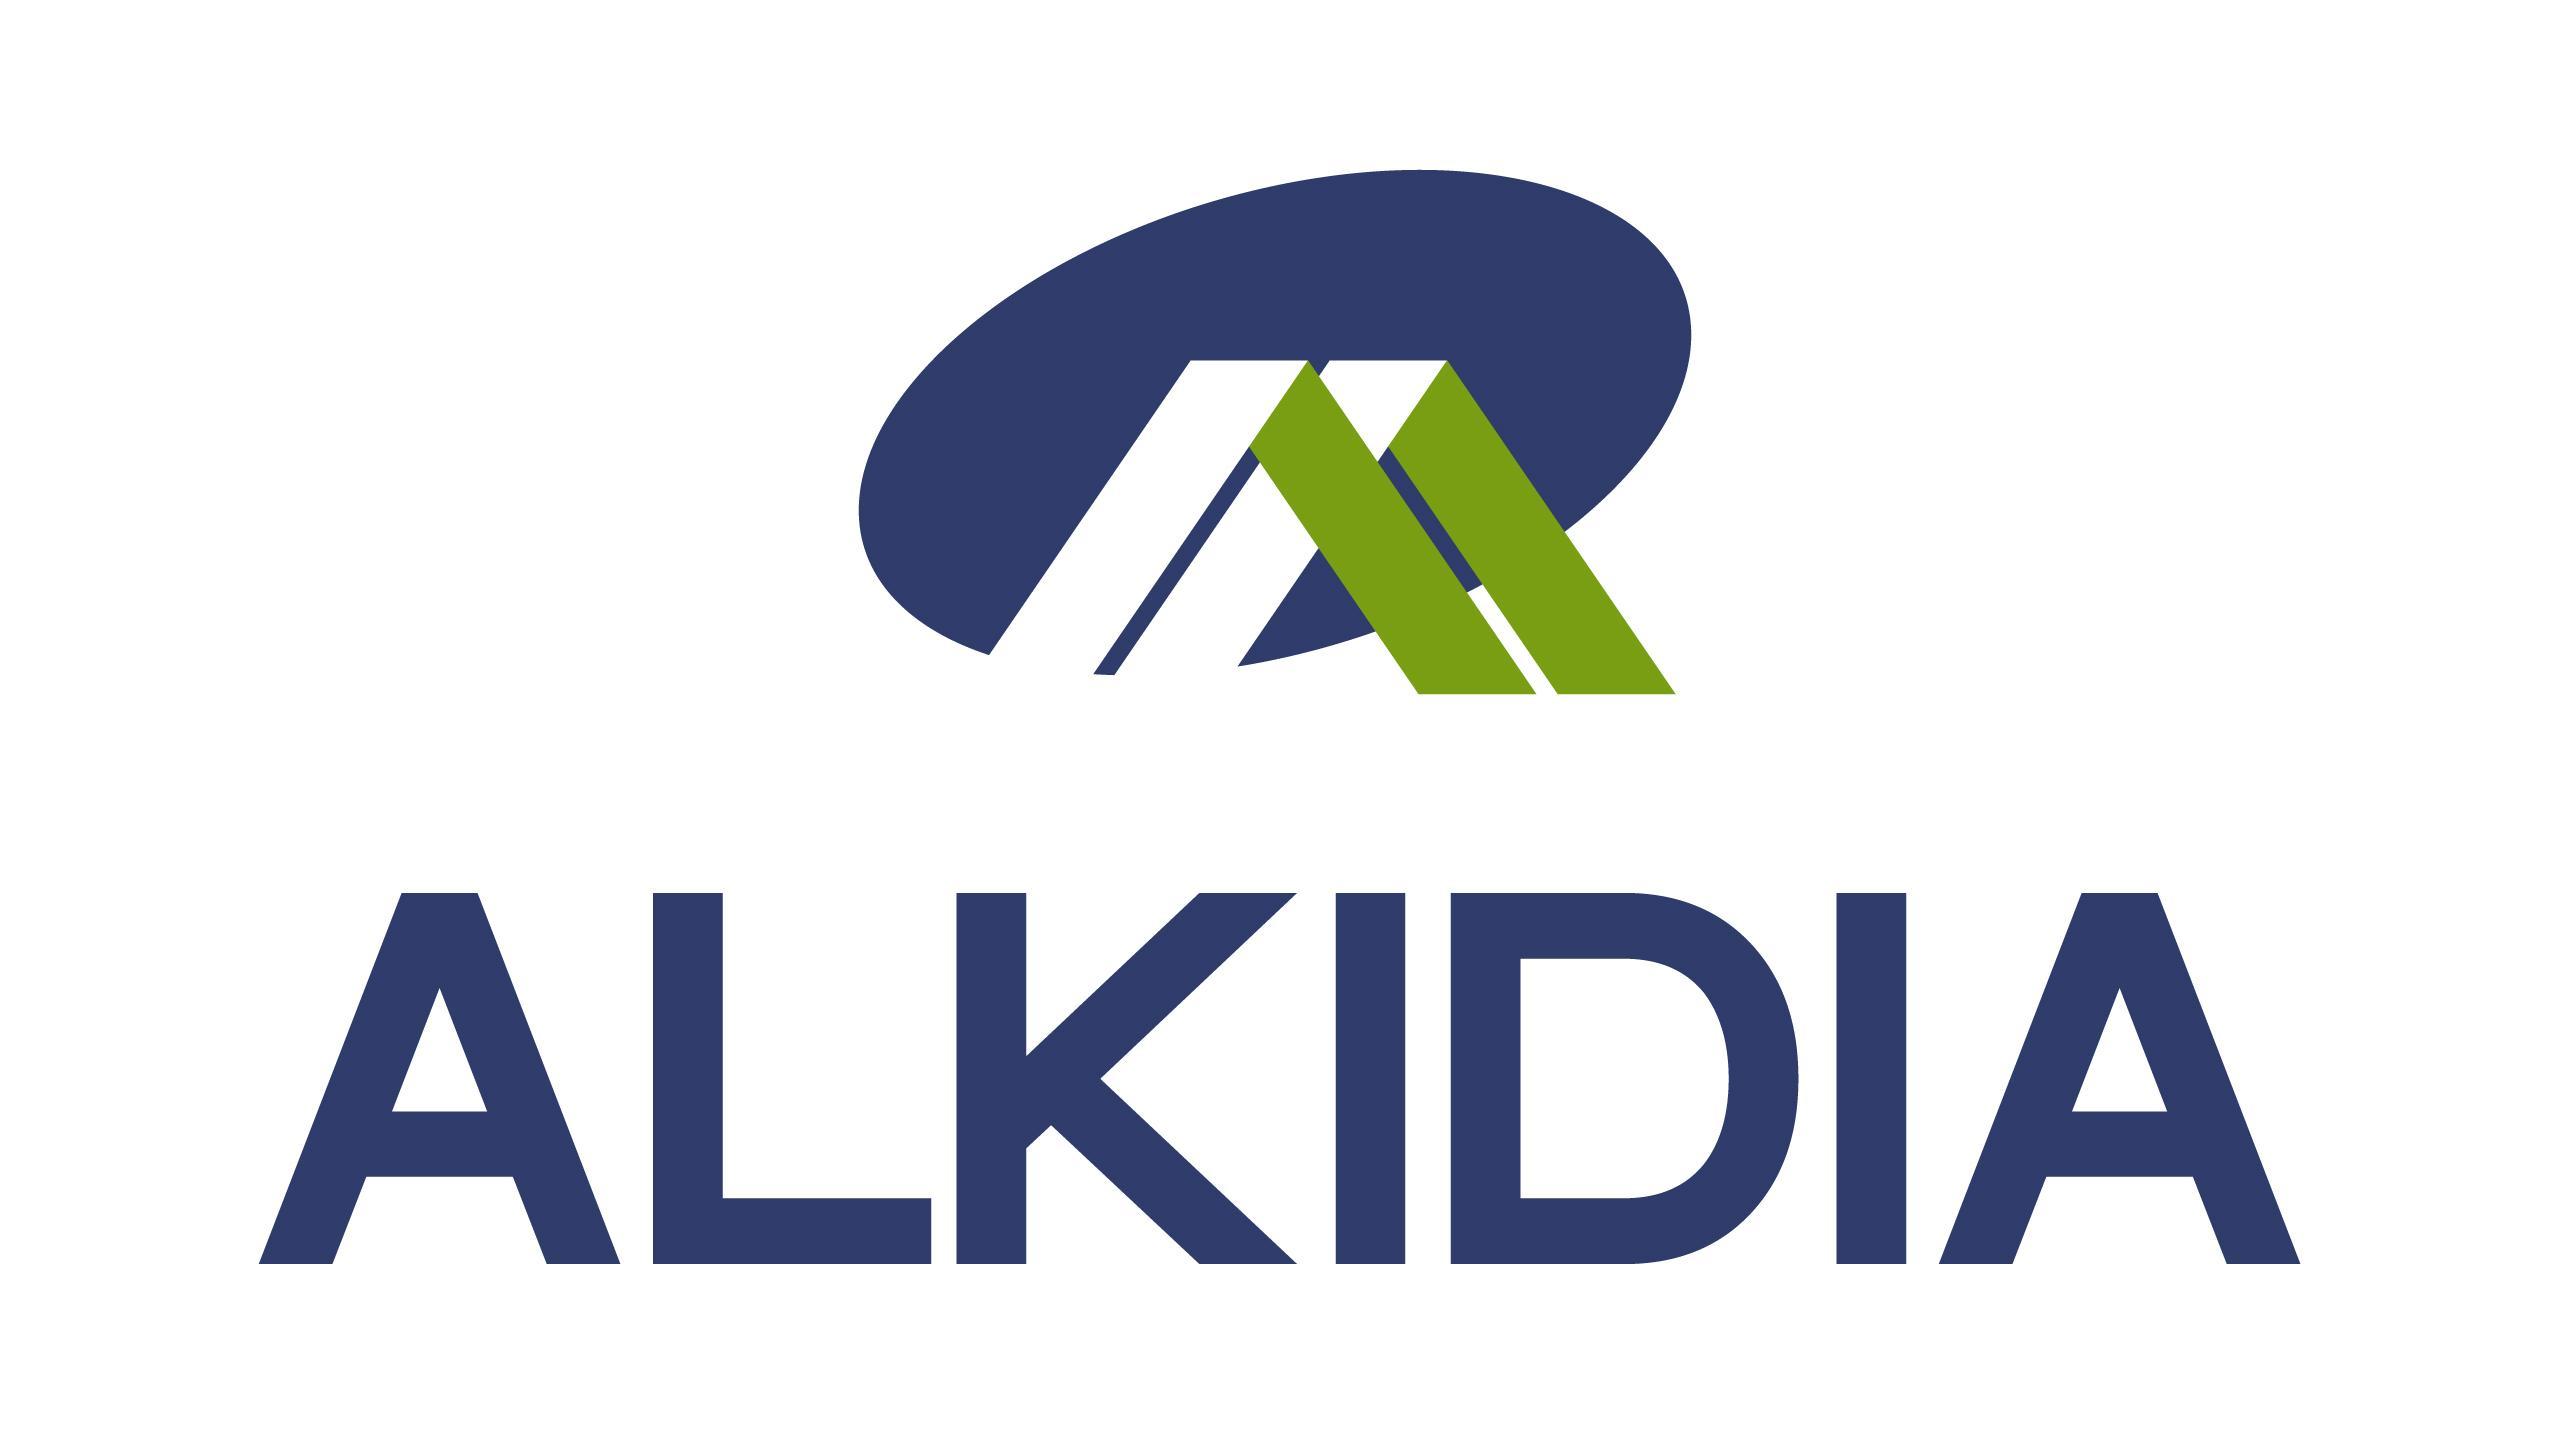 Alkidia